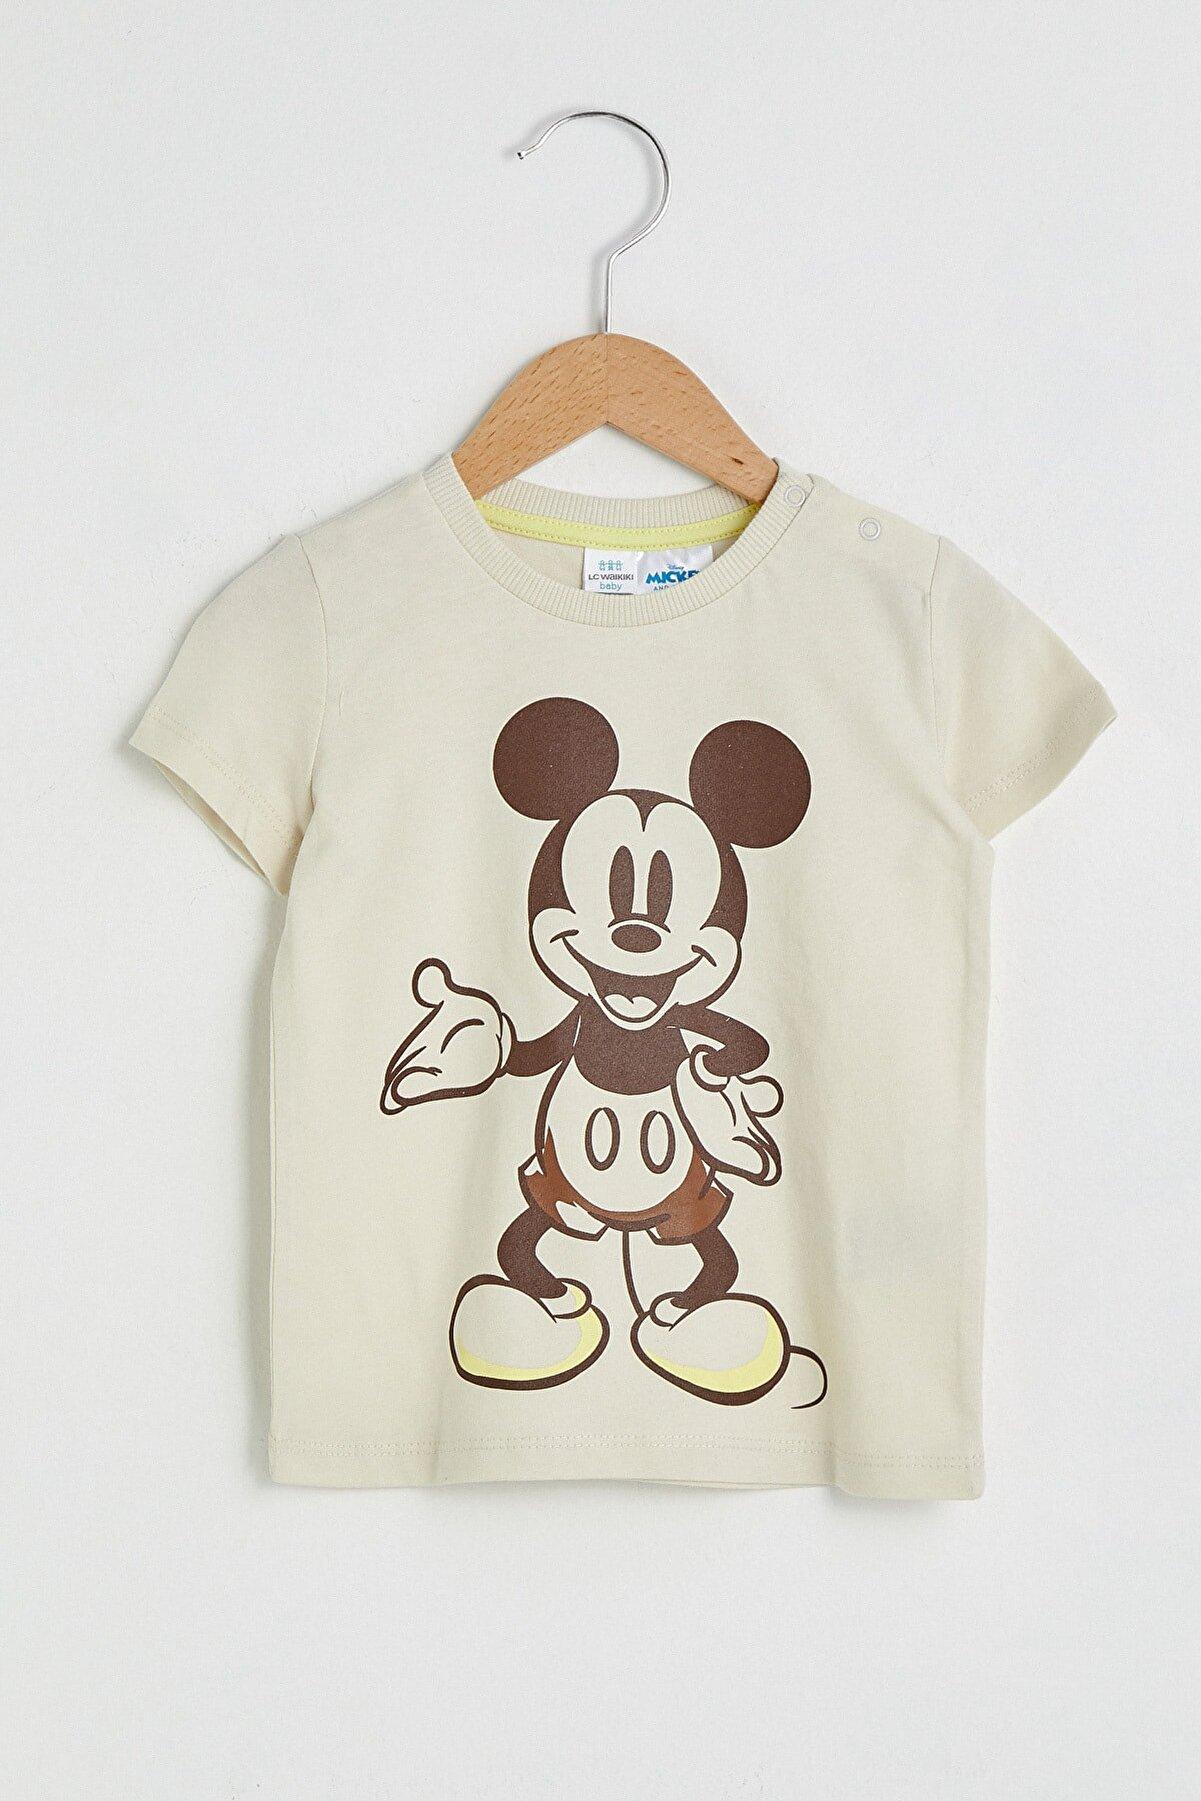 LC Waikiki Mickey Mouse Erkek Bebek Açık Bej Fwm T-Shirt